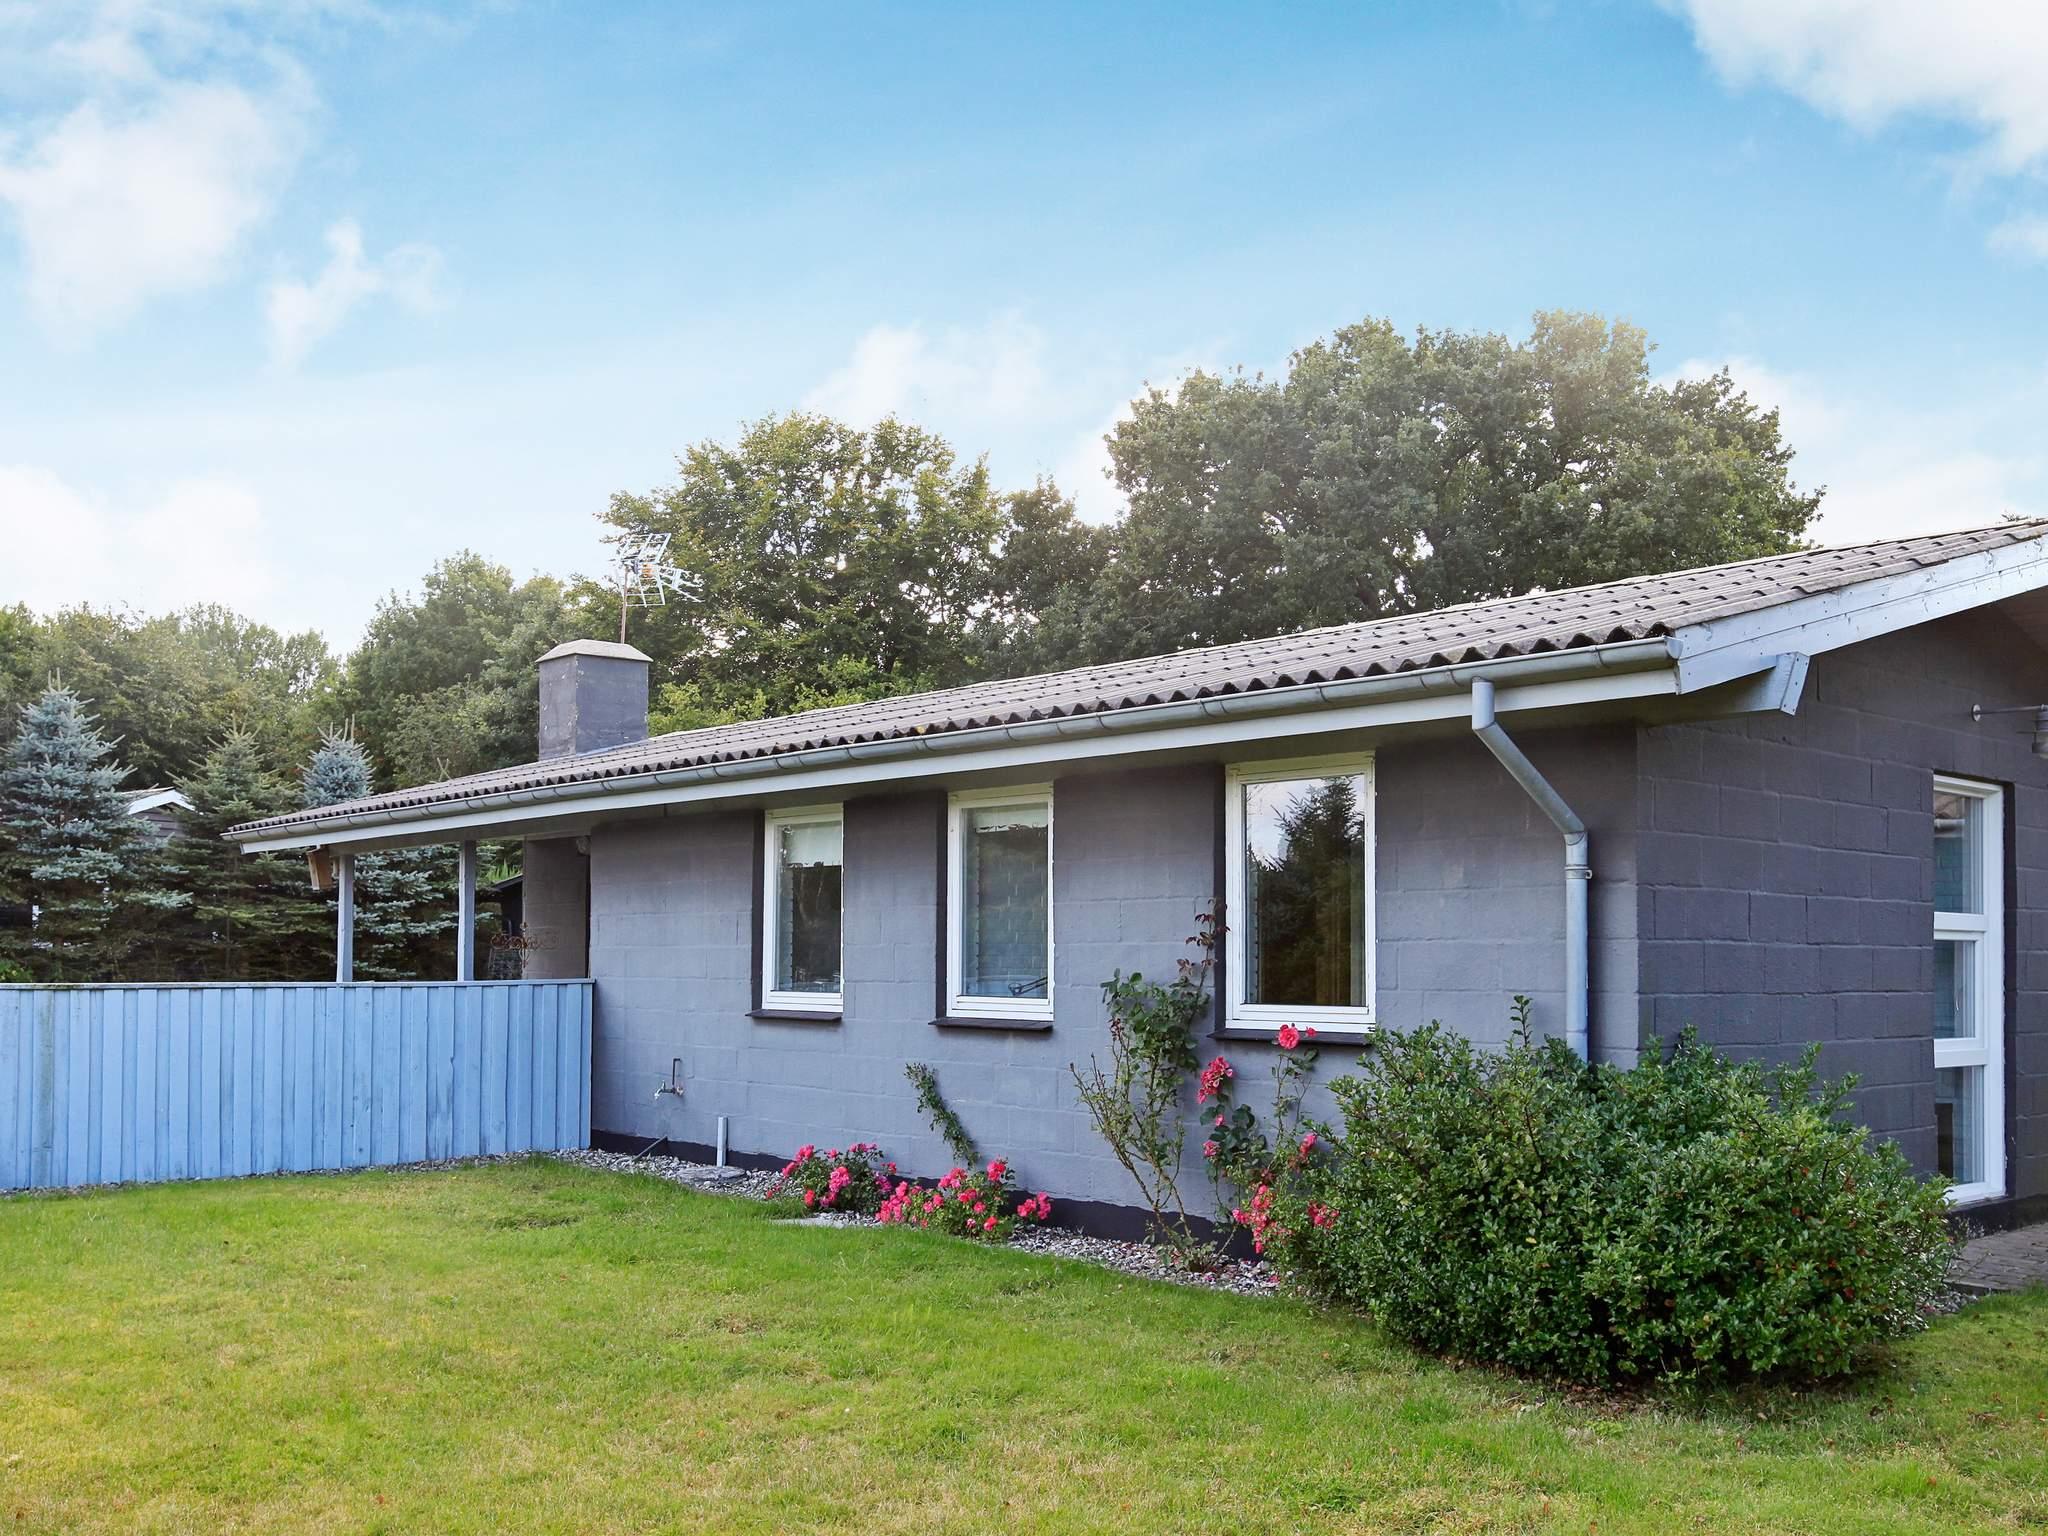 Ferienhaus Hals/Koldkær (359577), Hals, , Nordostjütland, Dänemark, Bild 13